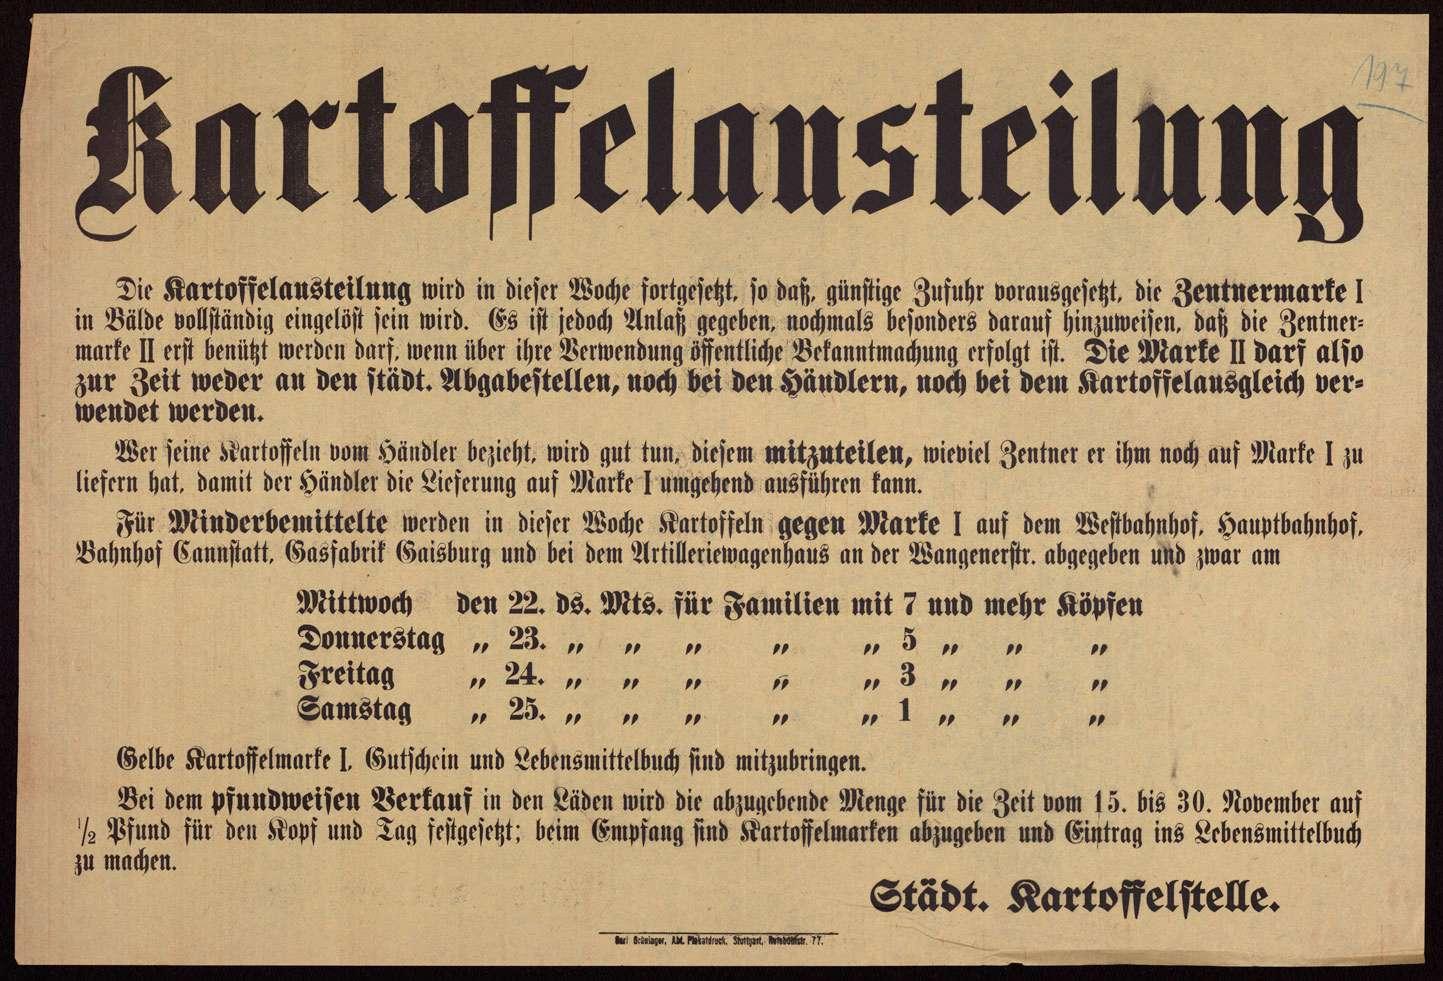 """""""Kartoffelausteilung"""" [in Stuttgart]. Hinweis über die Verwendung der Kartoffelmarken I und II, folgt: Ausgabestellen und -termine von Kartoffeln für Minderbemittelte, Bild 1"""